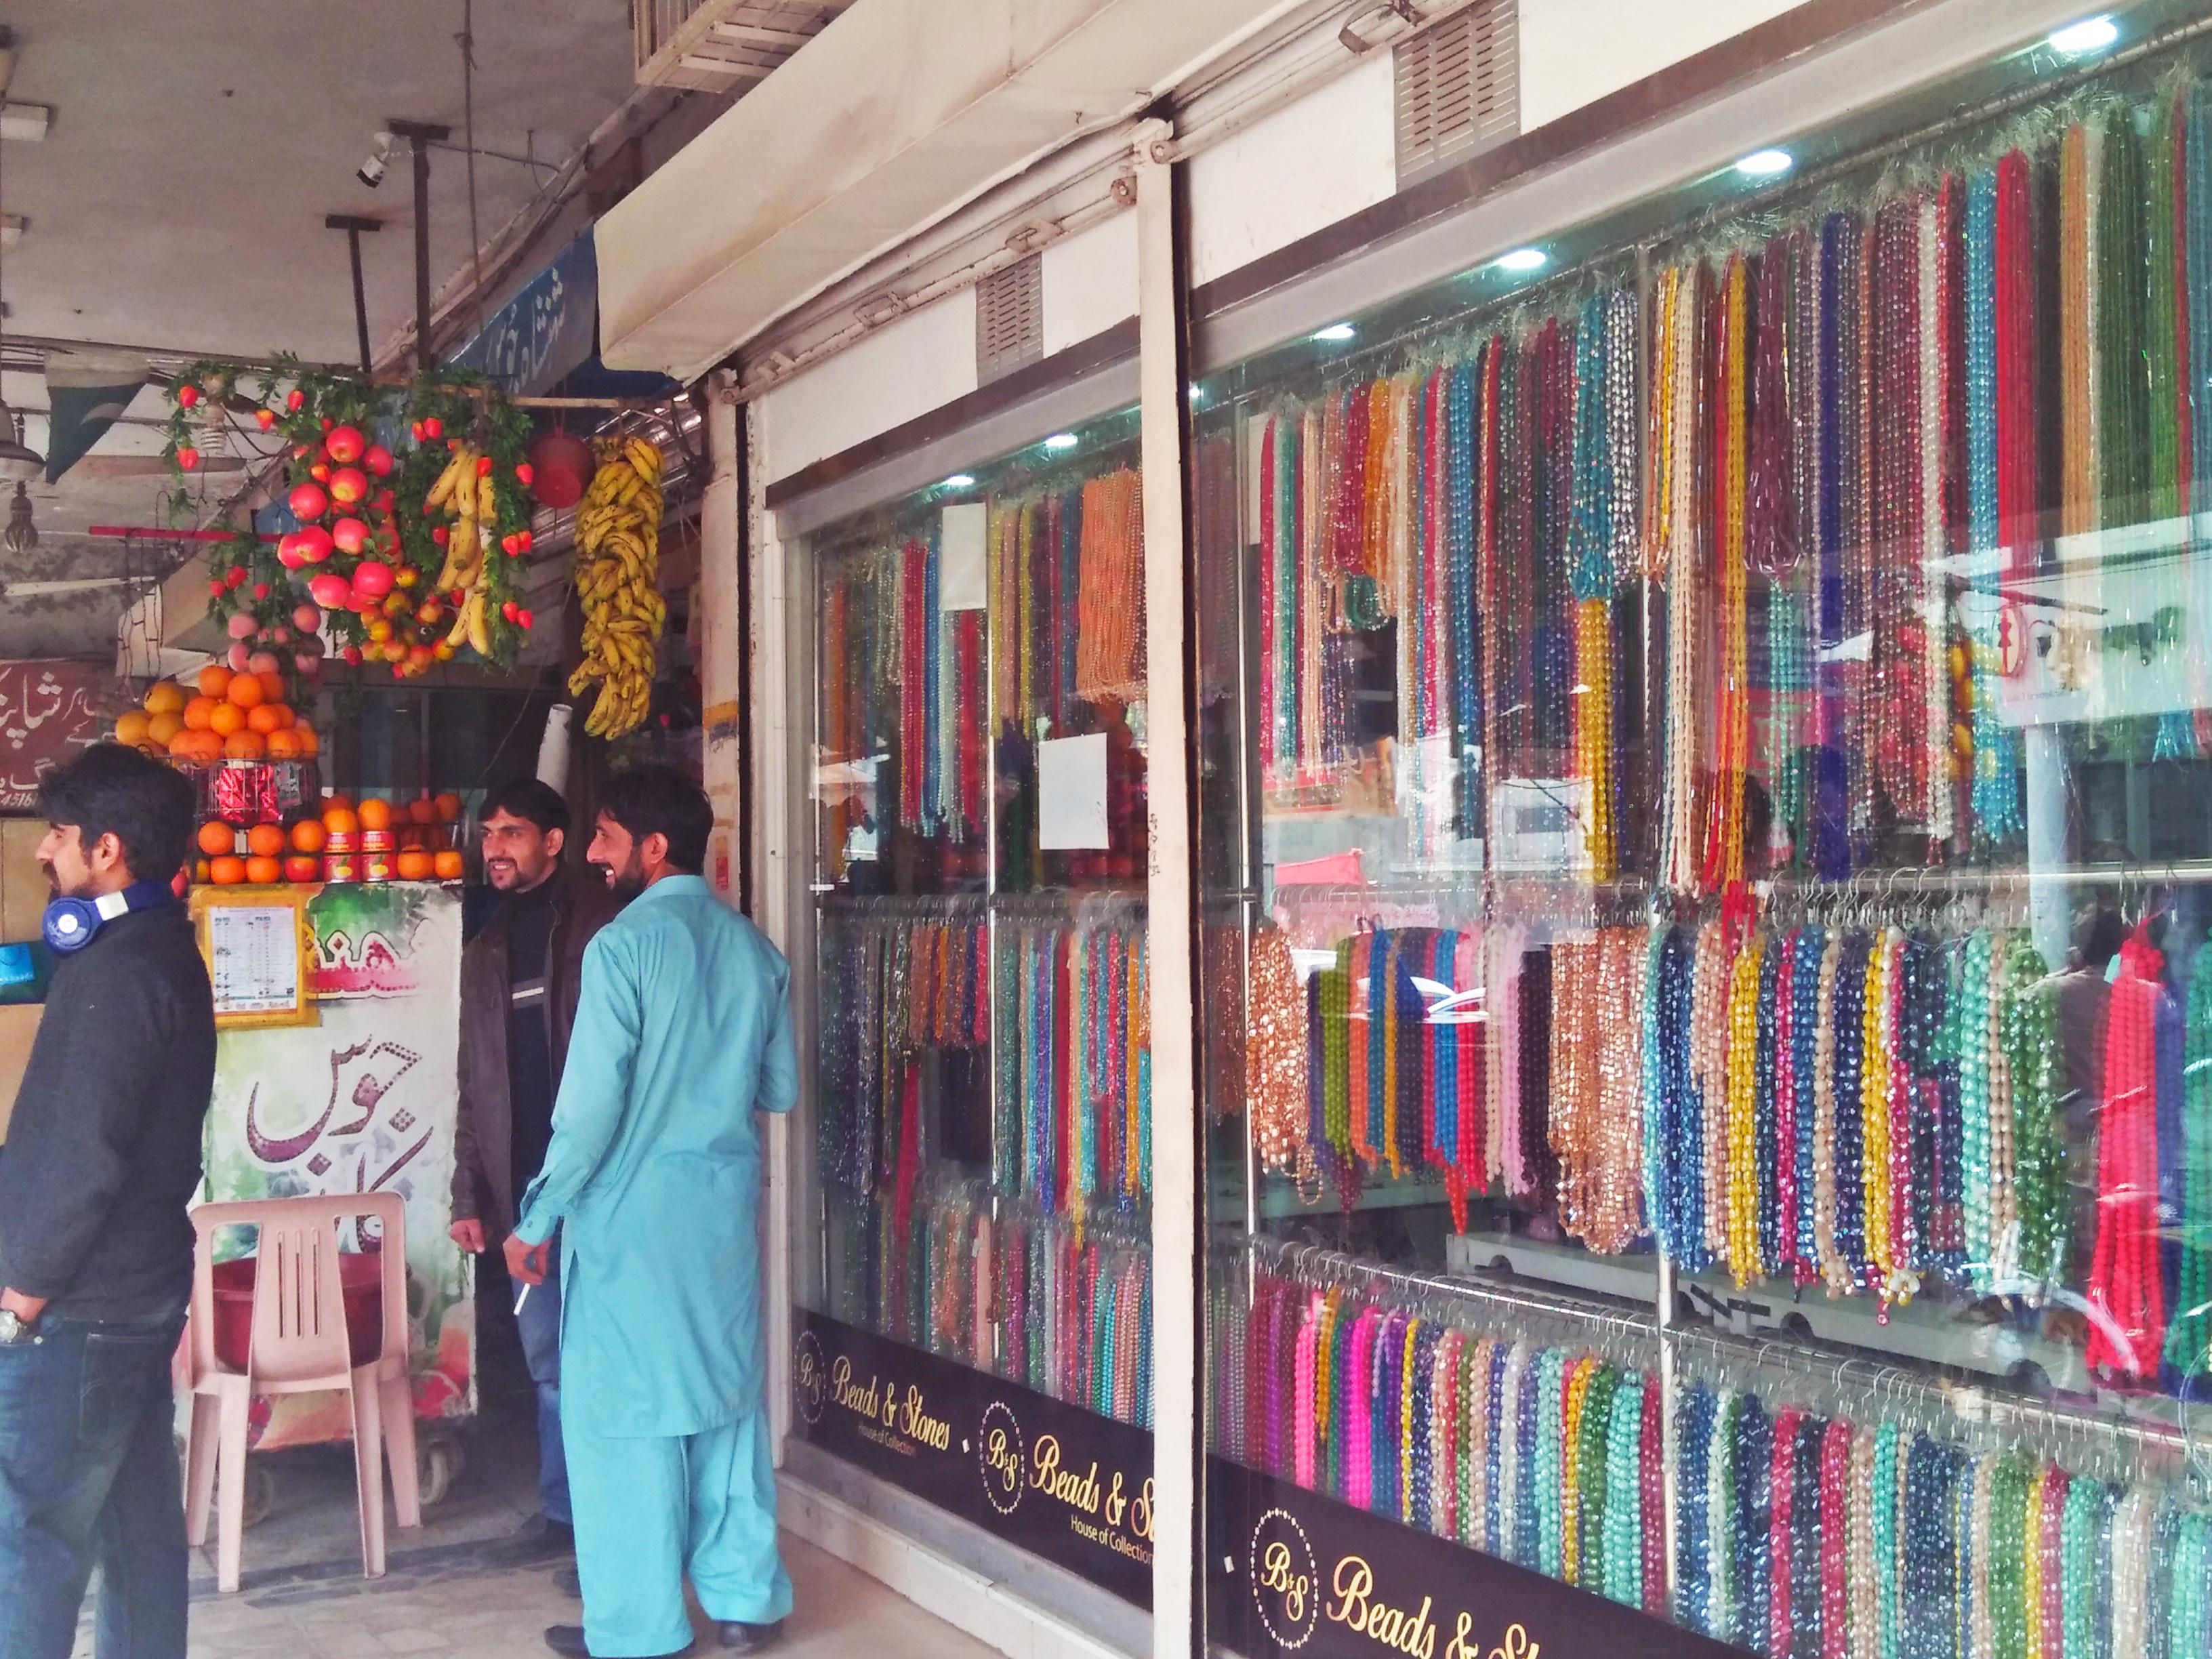 Edited 19 - Ghalib Market: Unremarkably Remarkable